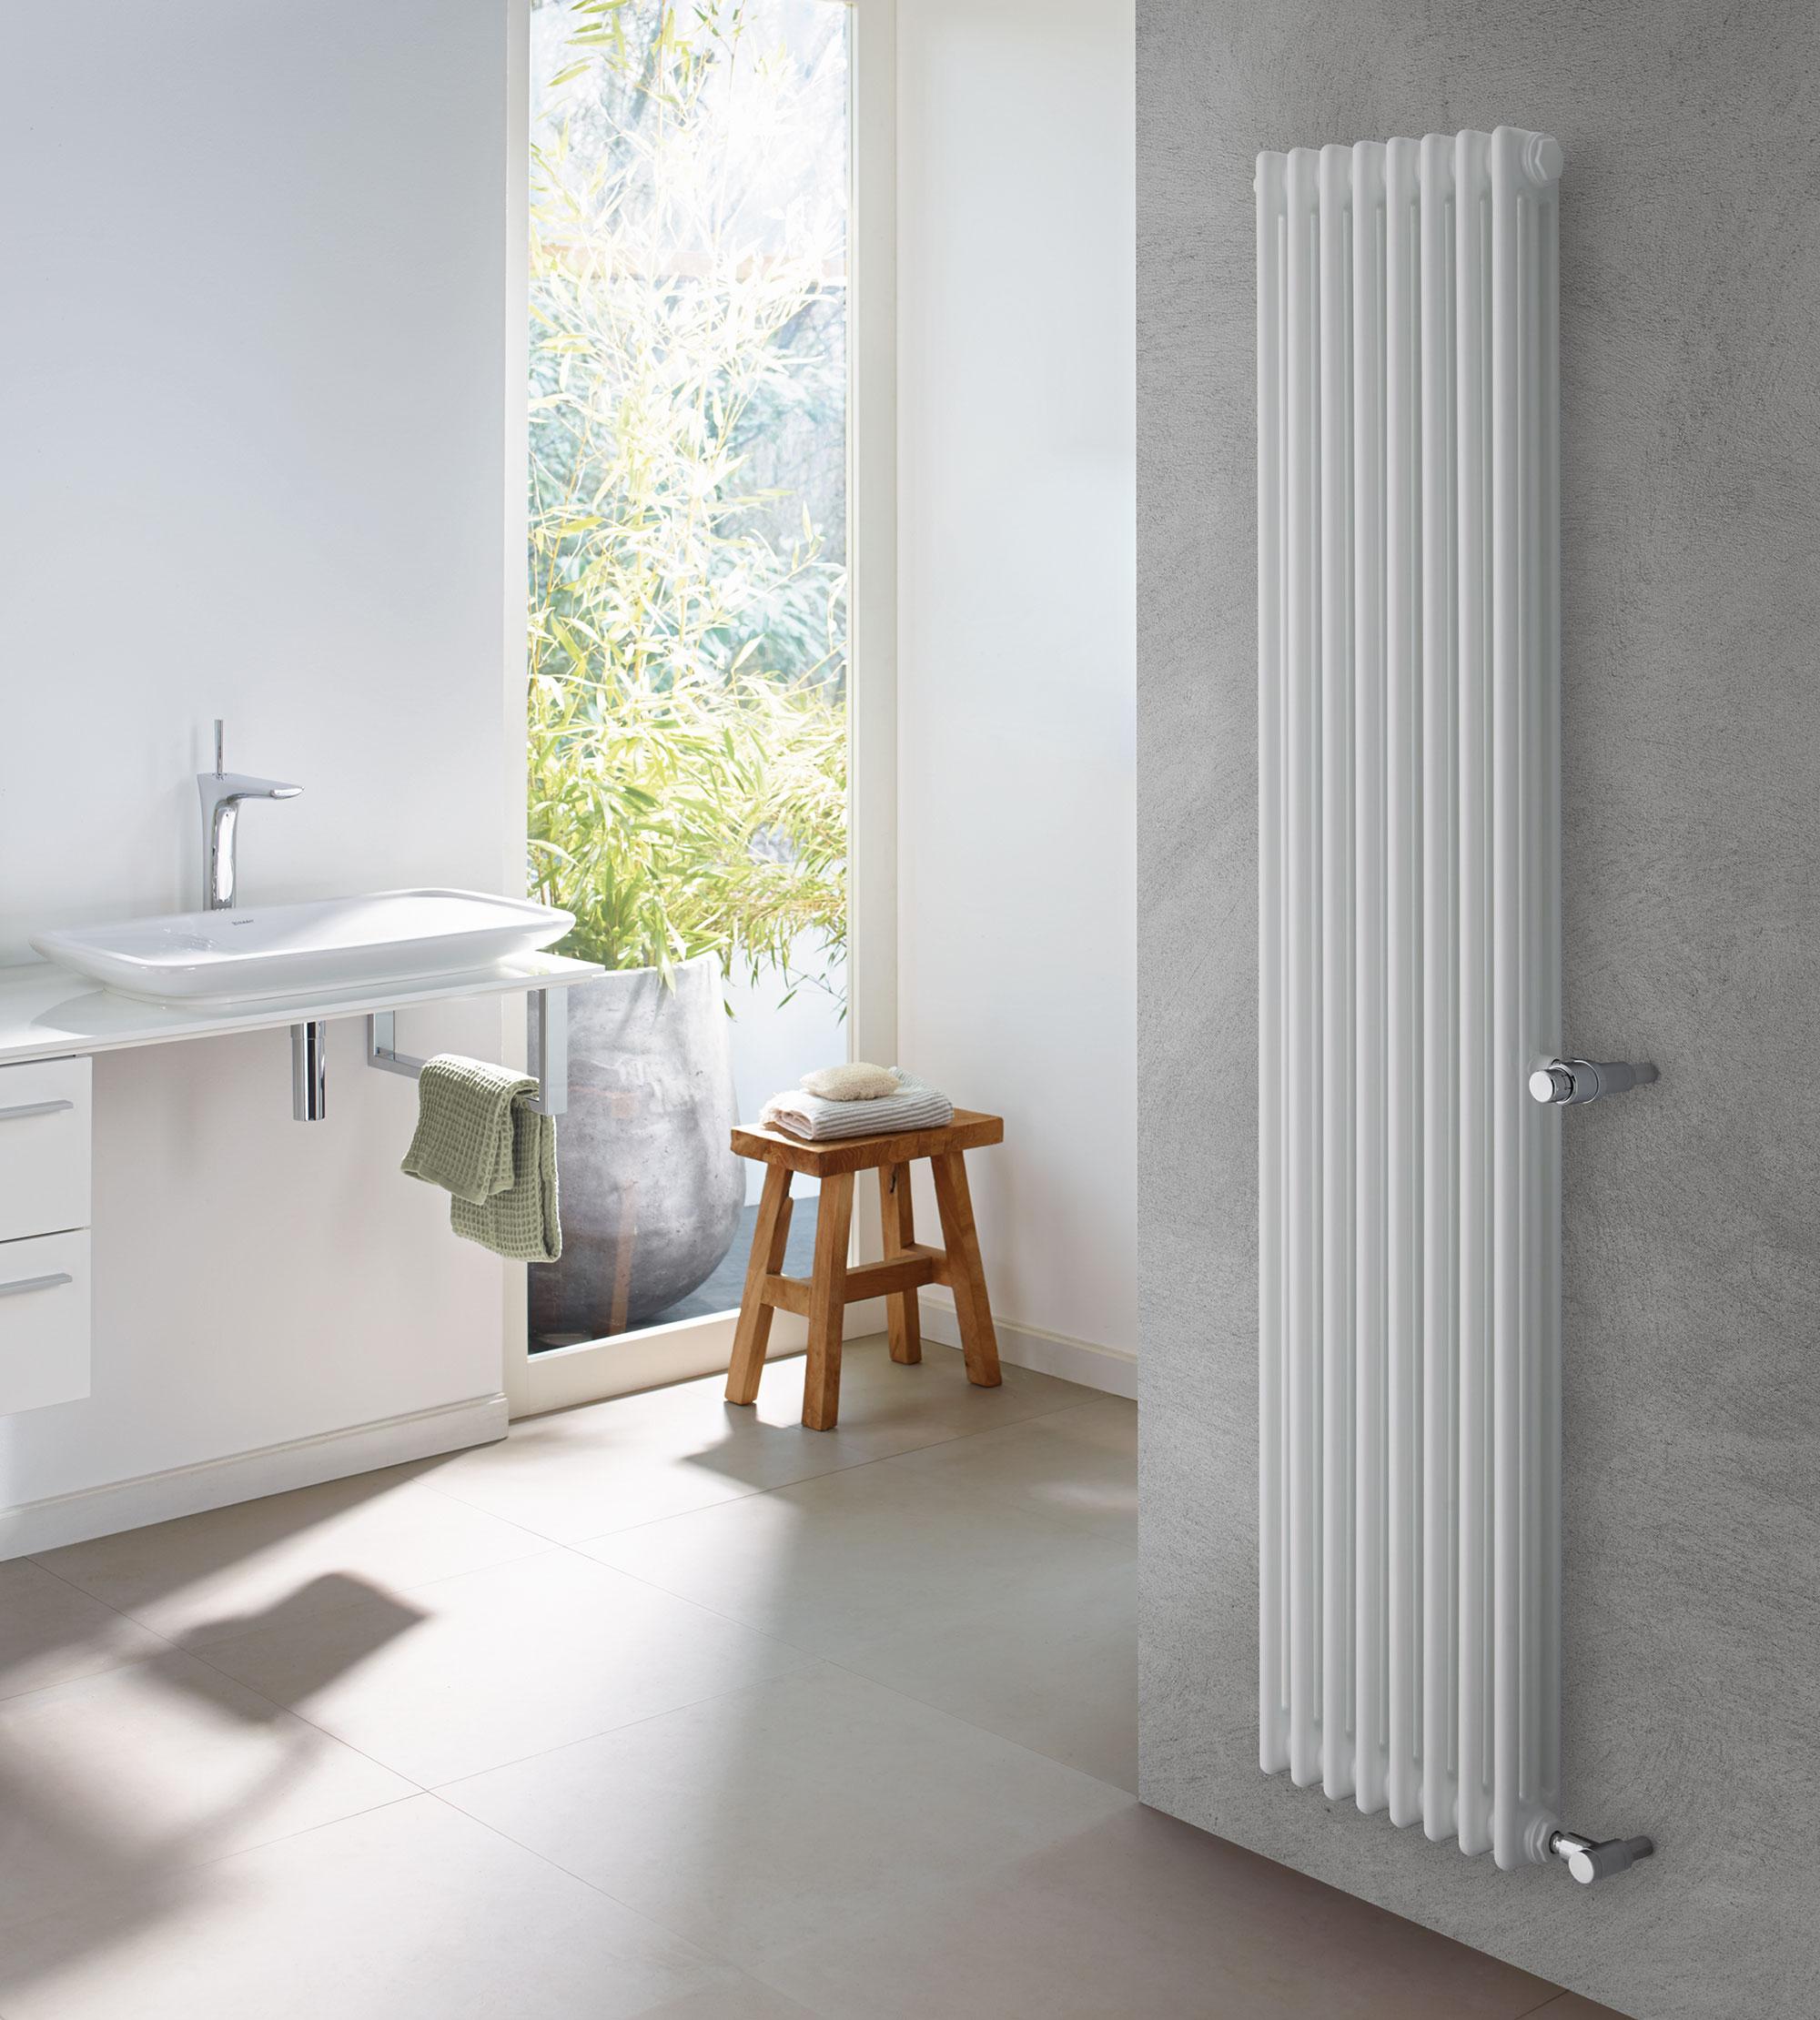 Flexibilní instalace díky dostupnosti modelů Zehnder Charleston Retrofit umožňuje náhradu starých radiátorů, bez nutnosti úprav stávajícího připojovacího potrubí. Foto Zehnder Group